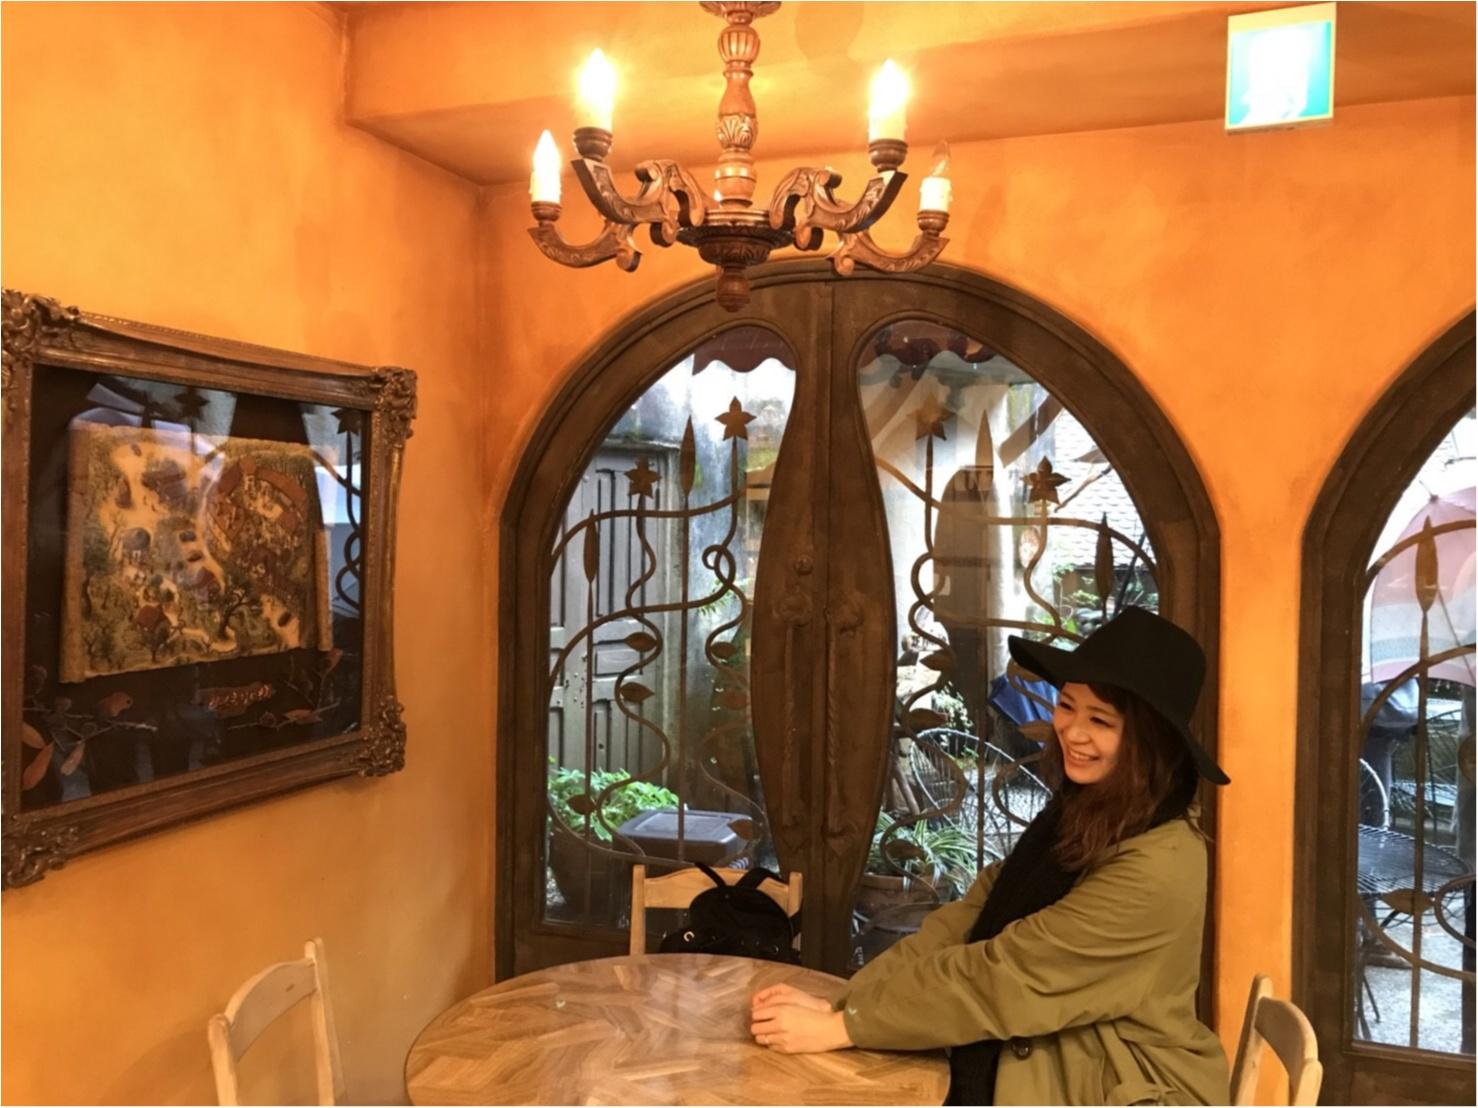 【カフェ巡り】まるでジブリの世界♡フォトジェニックな可愛いスポット『ぬくもりの森』 ~浜松おしゃれカフェ巡り①~_5